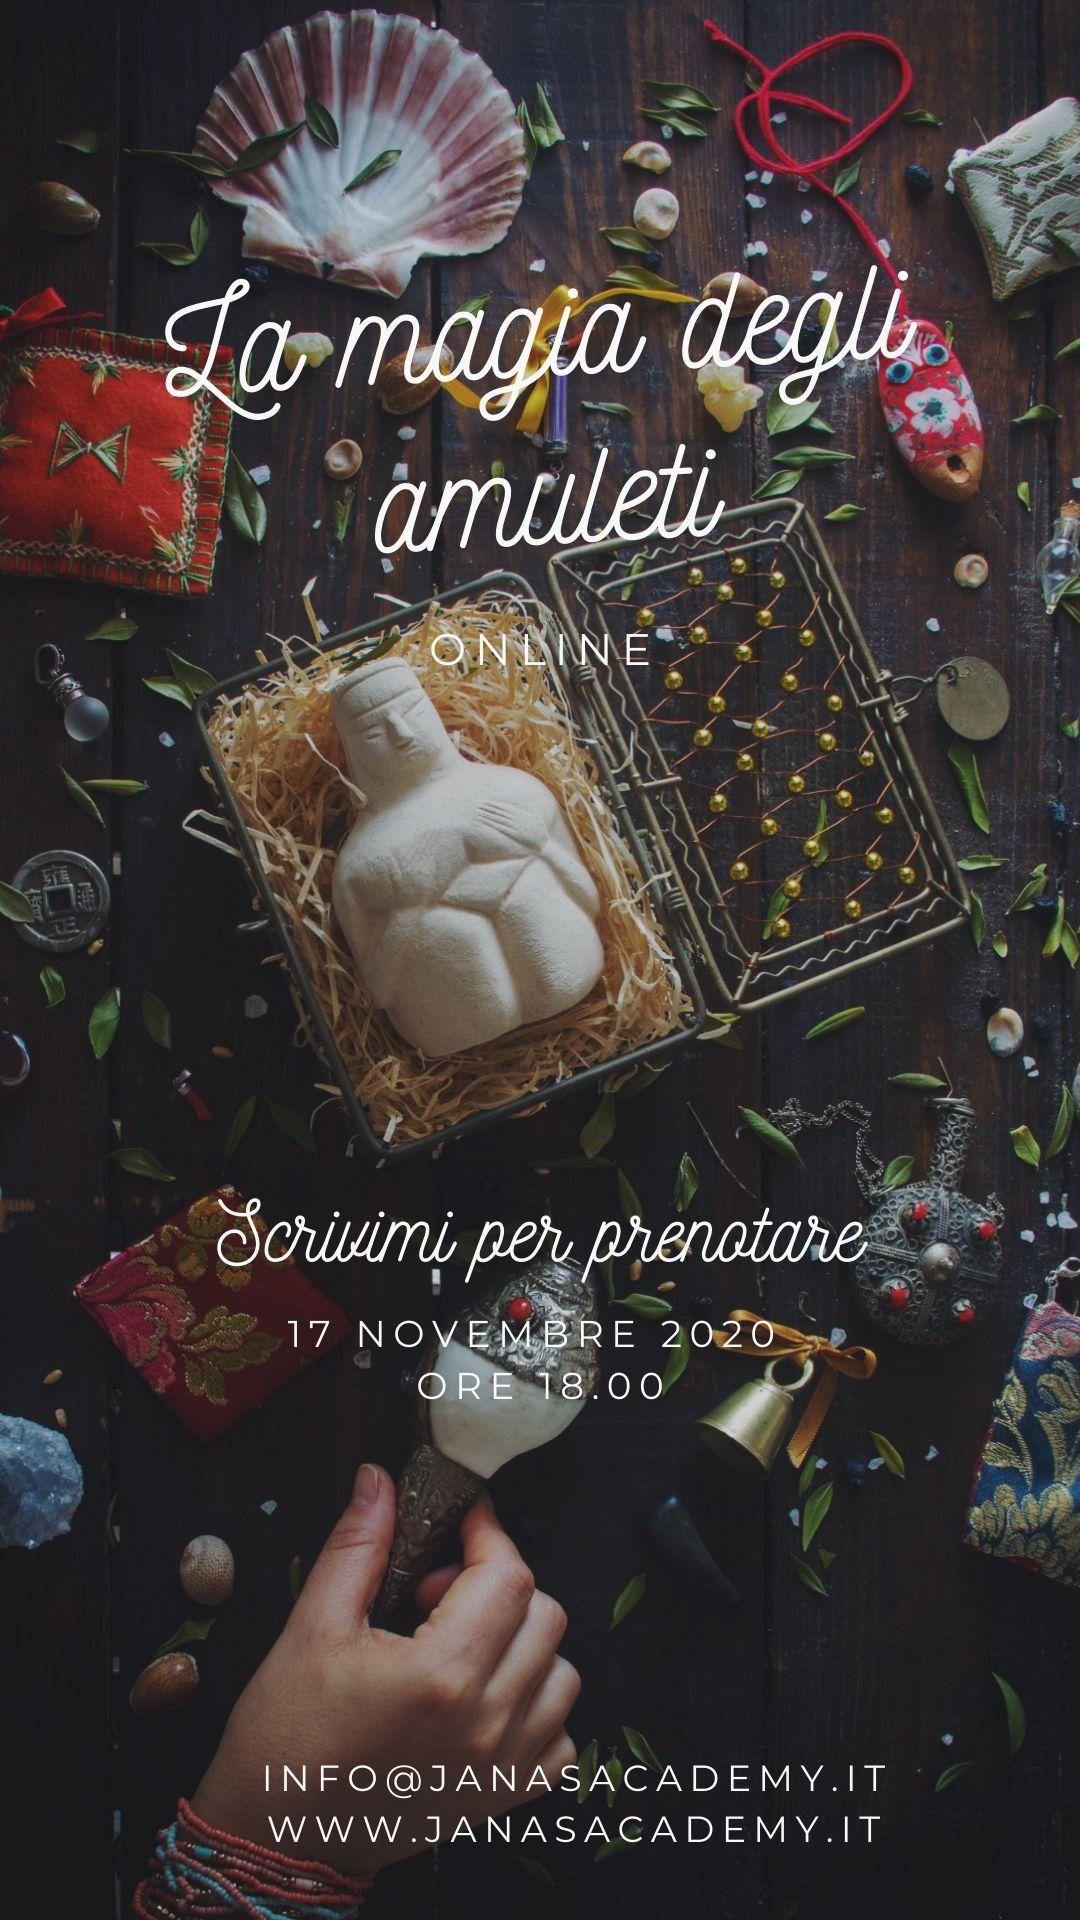 La magia degli amuleti (6)